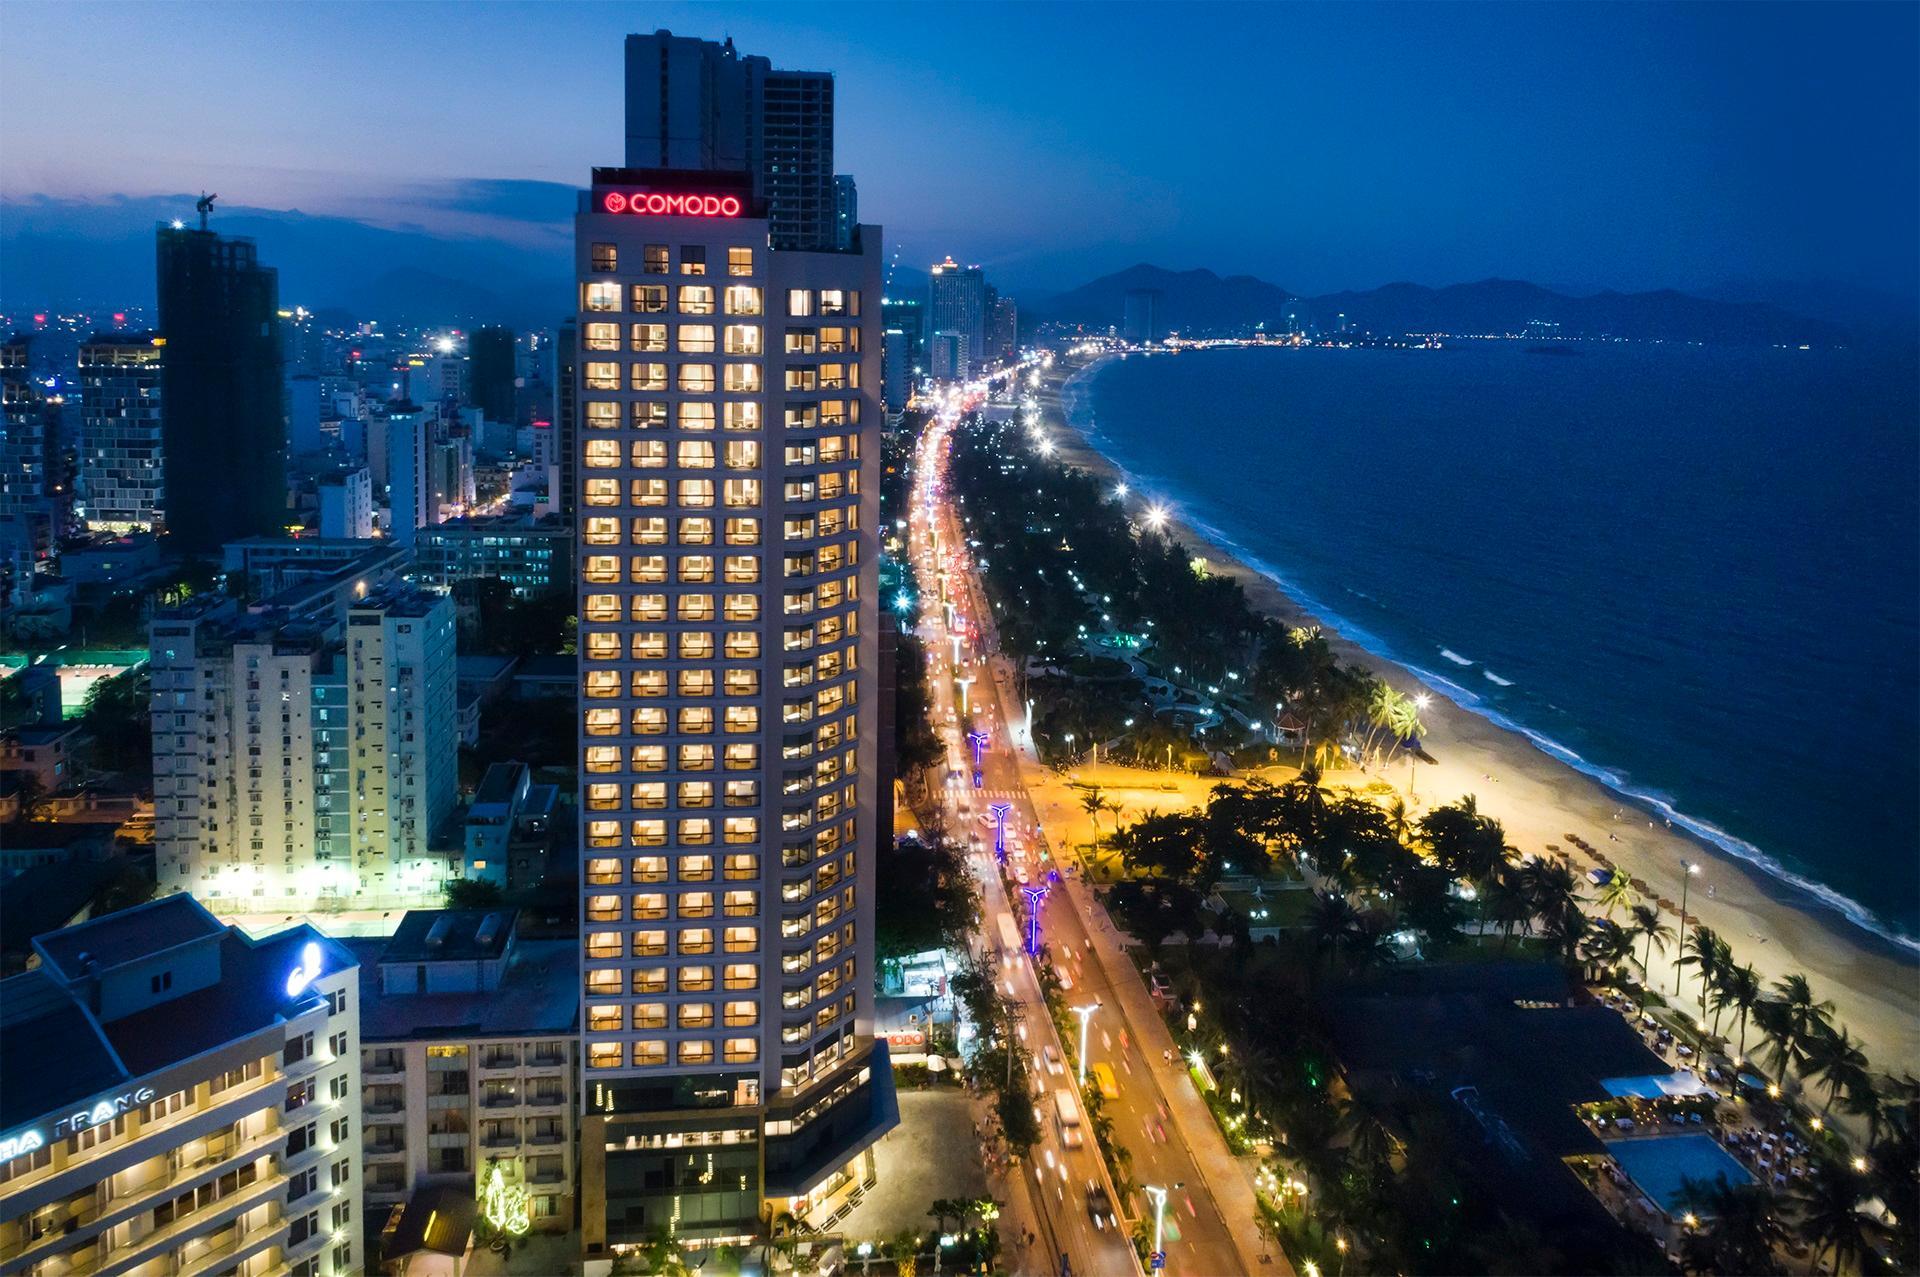 Khách Sạn Nha Trang Có Bể Bơi Vô Cực - Comodo Nha Trang Hotel